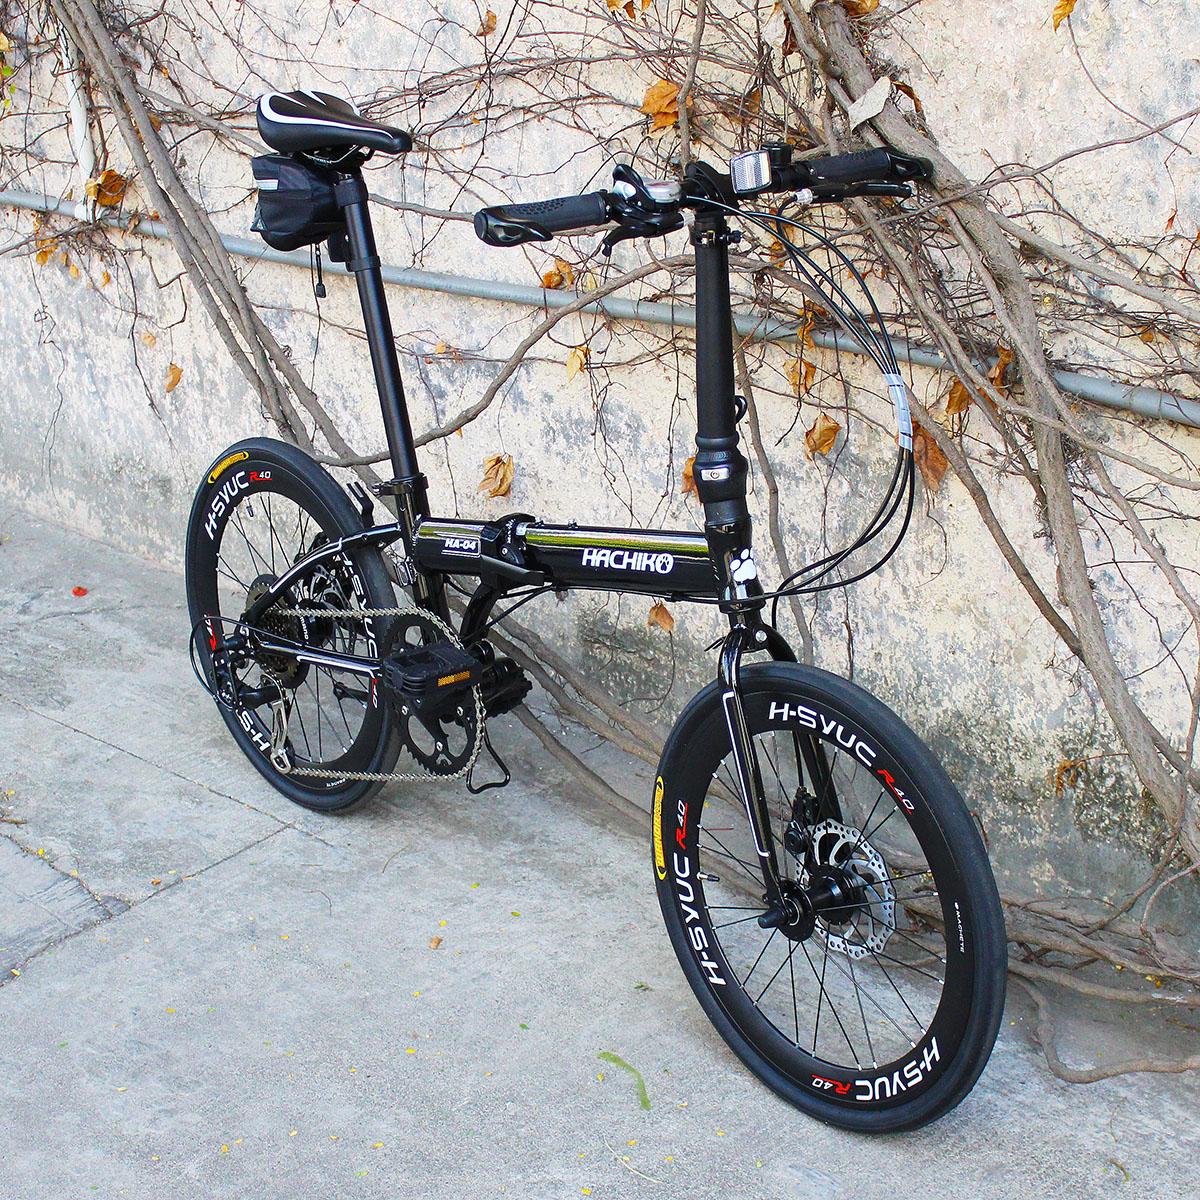 送料税込み!ハチコ HACHIKO 20インチ 三層ジュラルミン高級折りたたみ変速自転車 SHIMANOシマノ 7段 変速[98%完成品]フェンダー付きプレゼントがあり! 黒(HA04_Black)